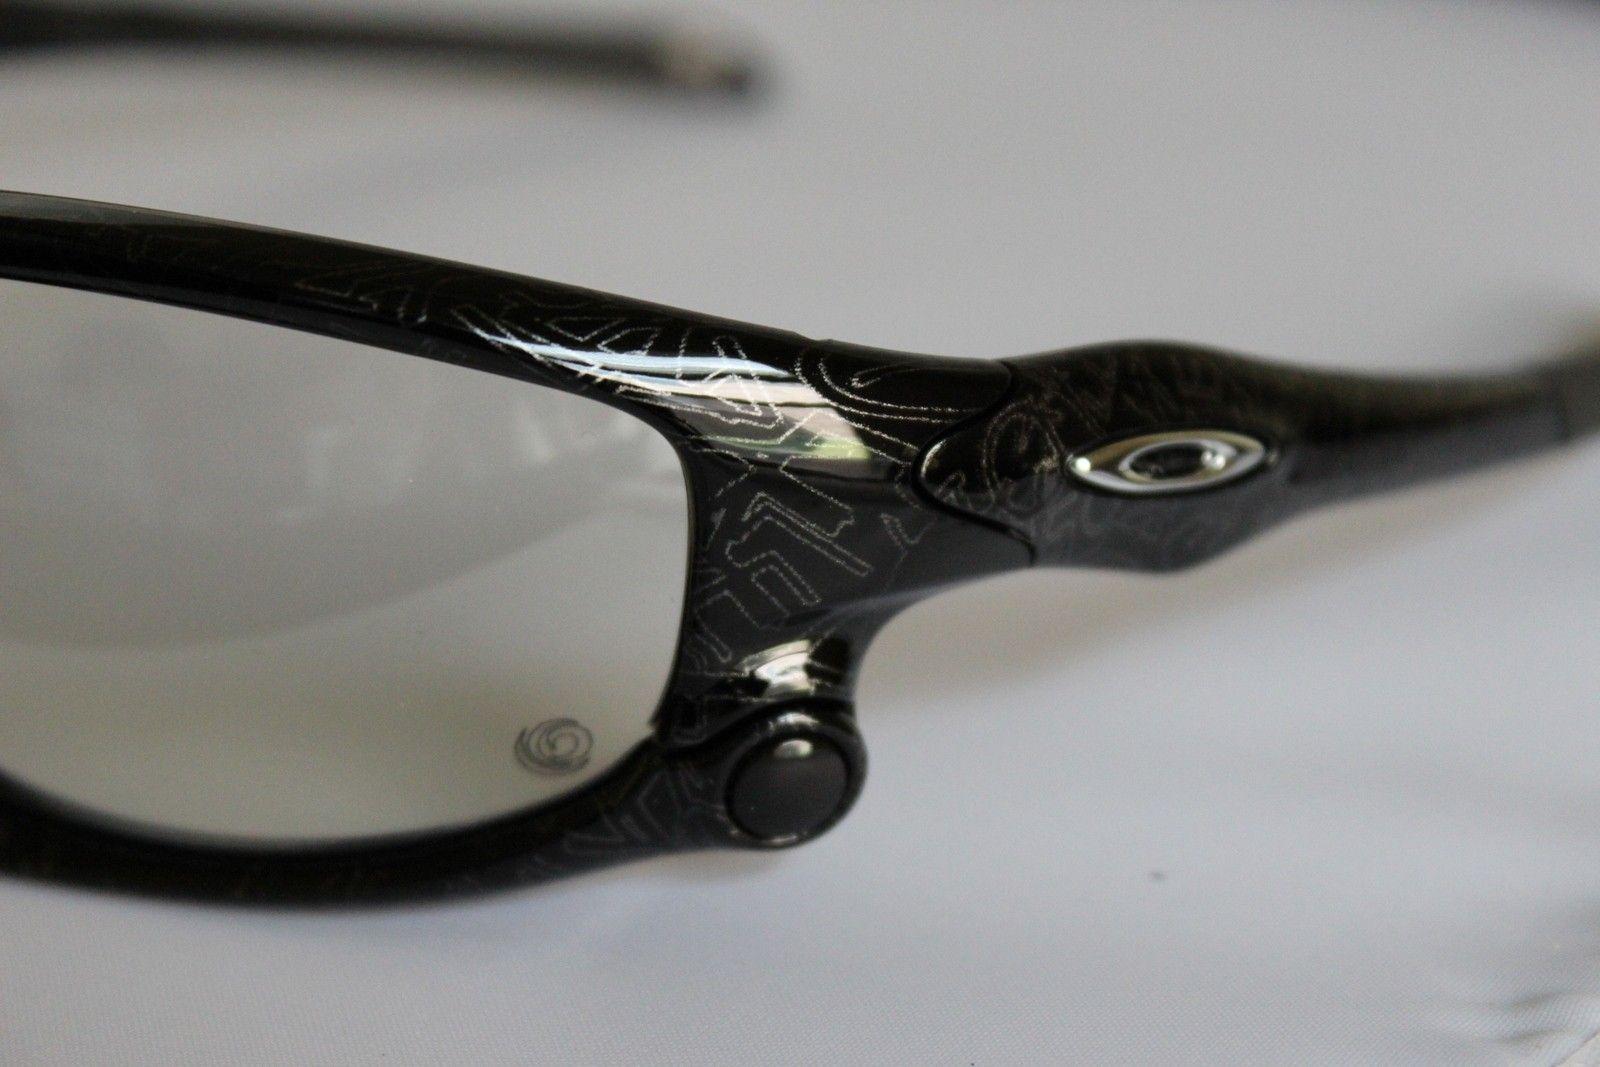 Split Jacket Black Silver Ghost Text OO9138-07 - IMG_6305.JPG